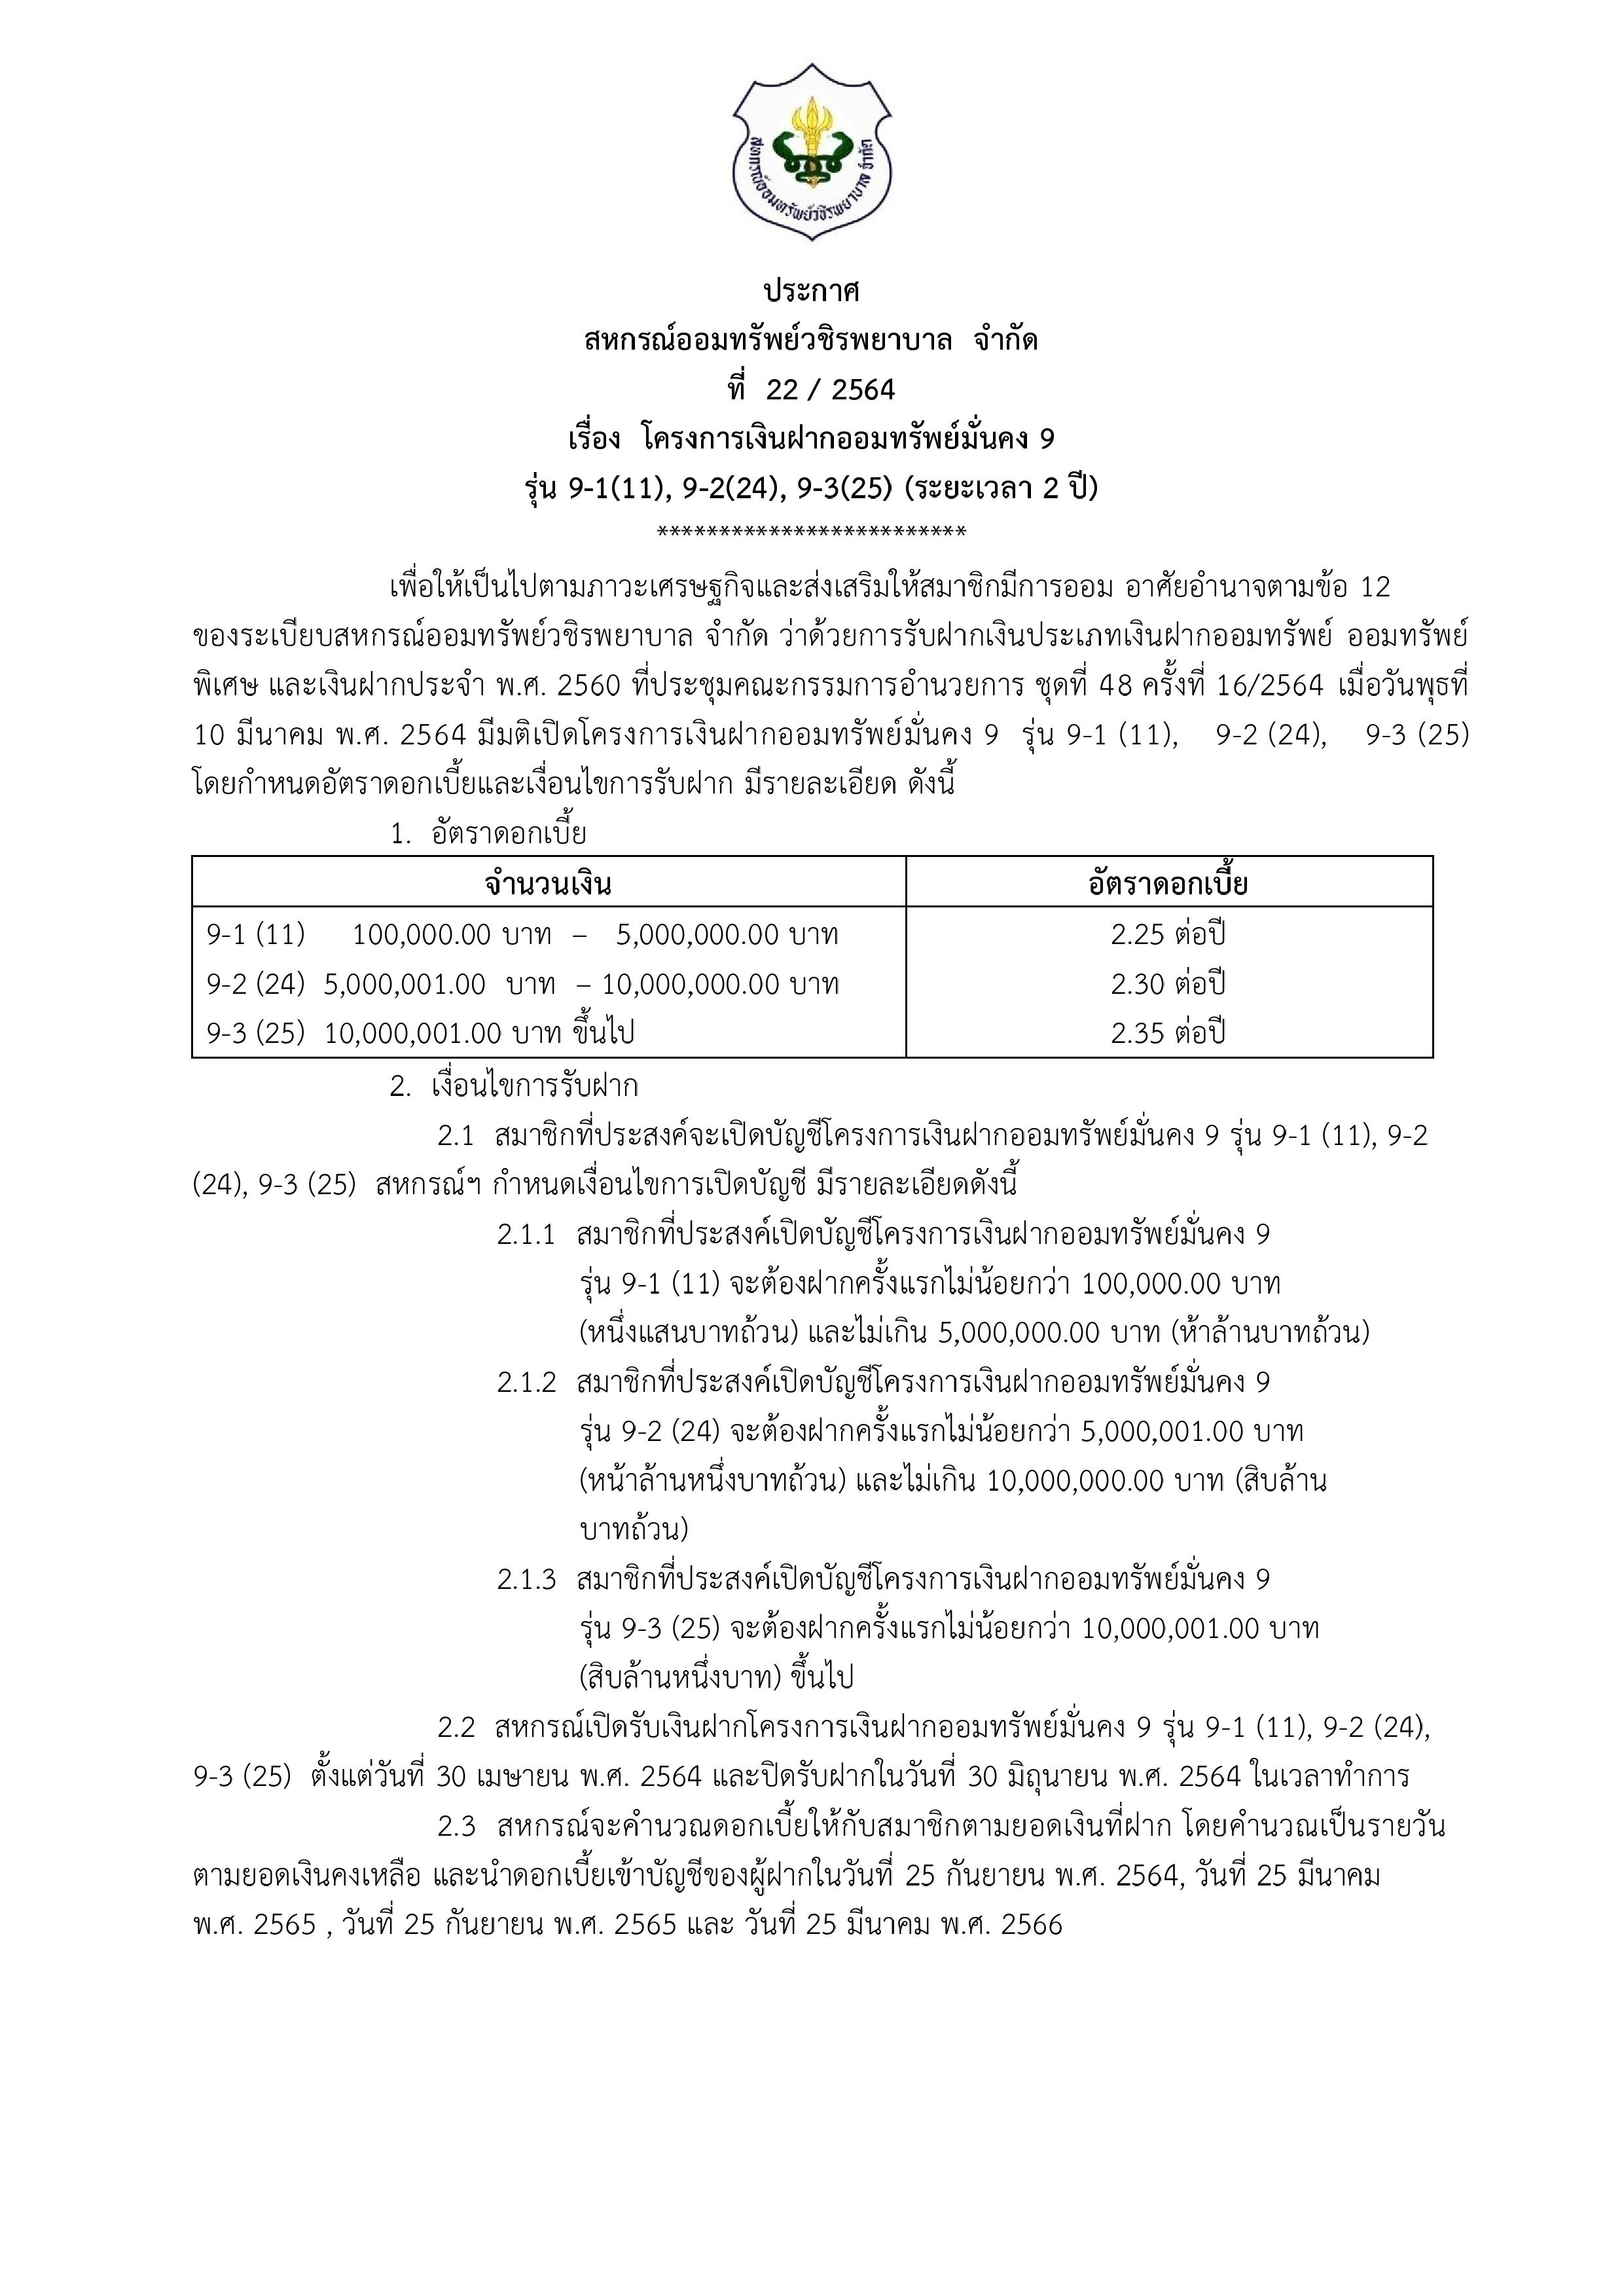 โครงการเงินฝากออมทรัพย์มั่นคง 9 รุ่น 9-1(11), 9-2(24), 9-3(25) (ระยะเวลา 2 ปี)